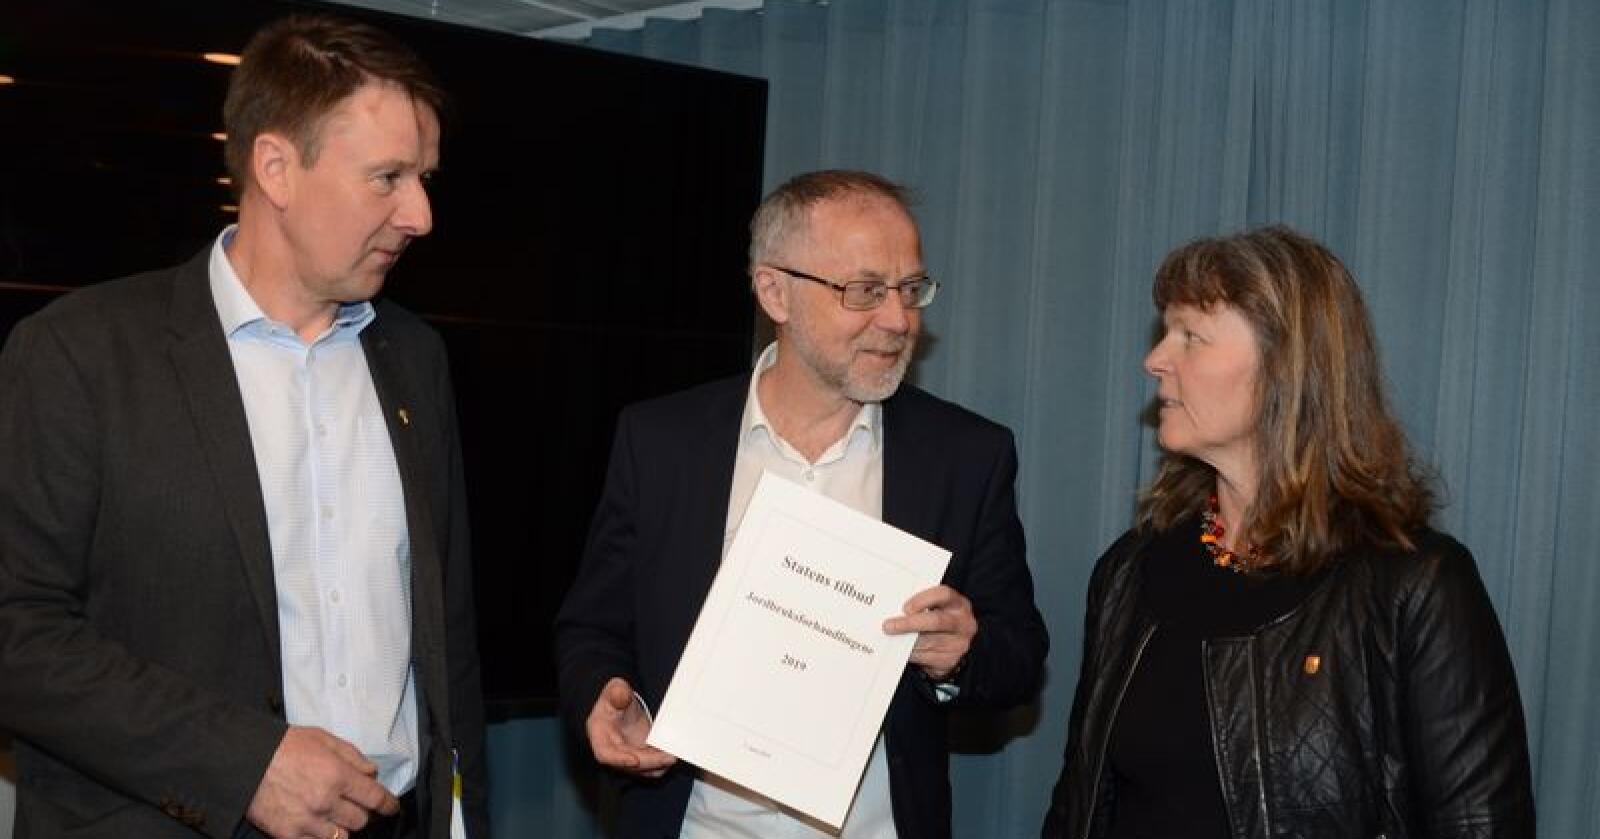 Staten legger fram tilbudet. Fra venstre: Lars Petter Bartnes (Bondelaget), Leif Forsell (LMD), og Kjersti Hoff (Småbrukarlaget). (Foto: Linda Sunde)